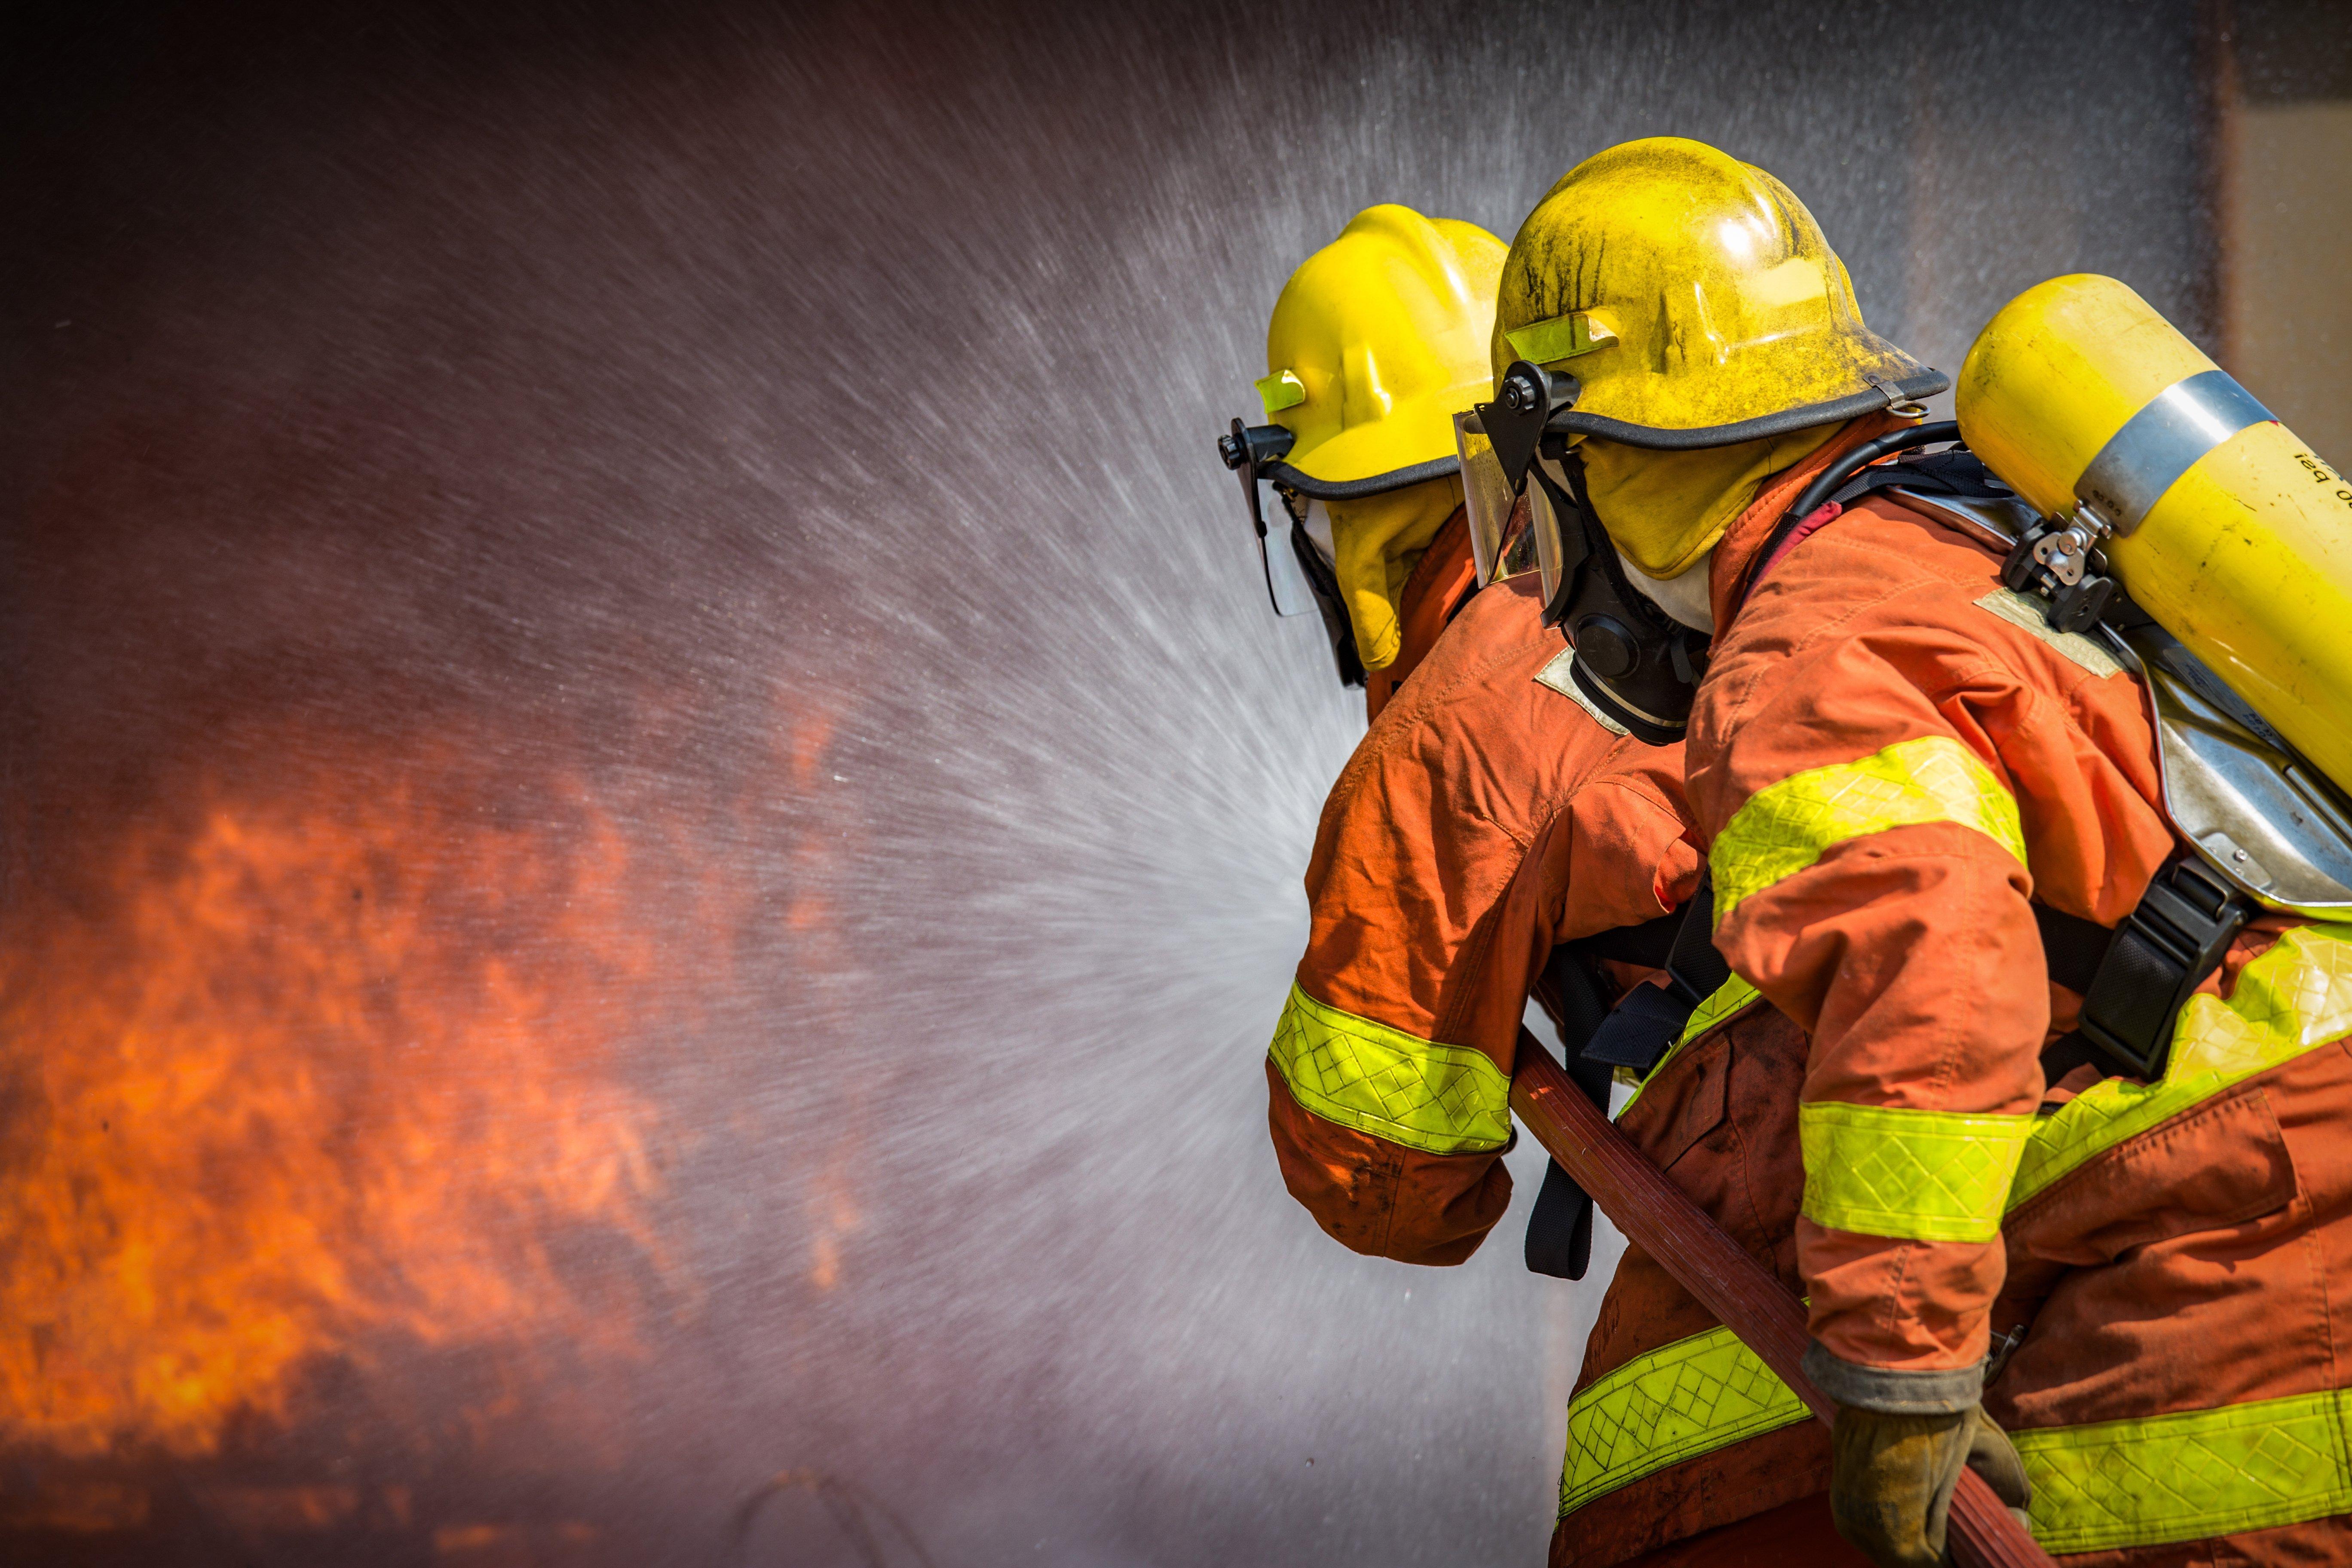 Deux pompiers en train d'éteindre un feu | photo : shutterstock